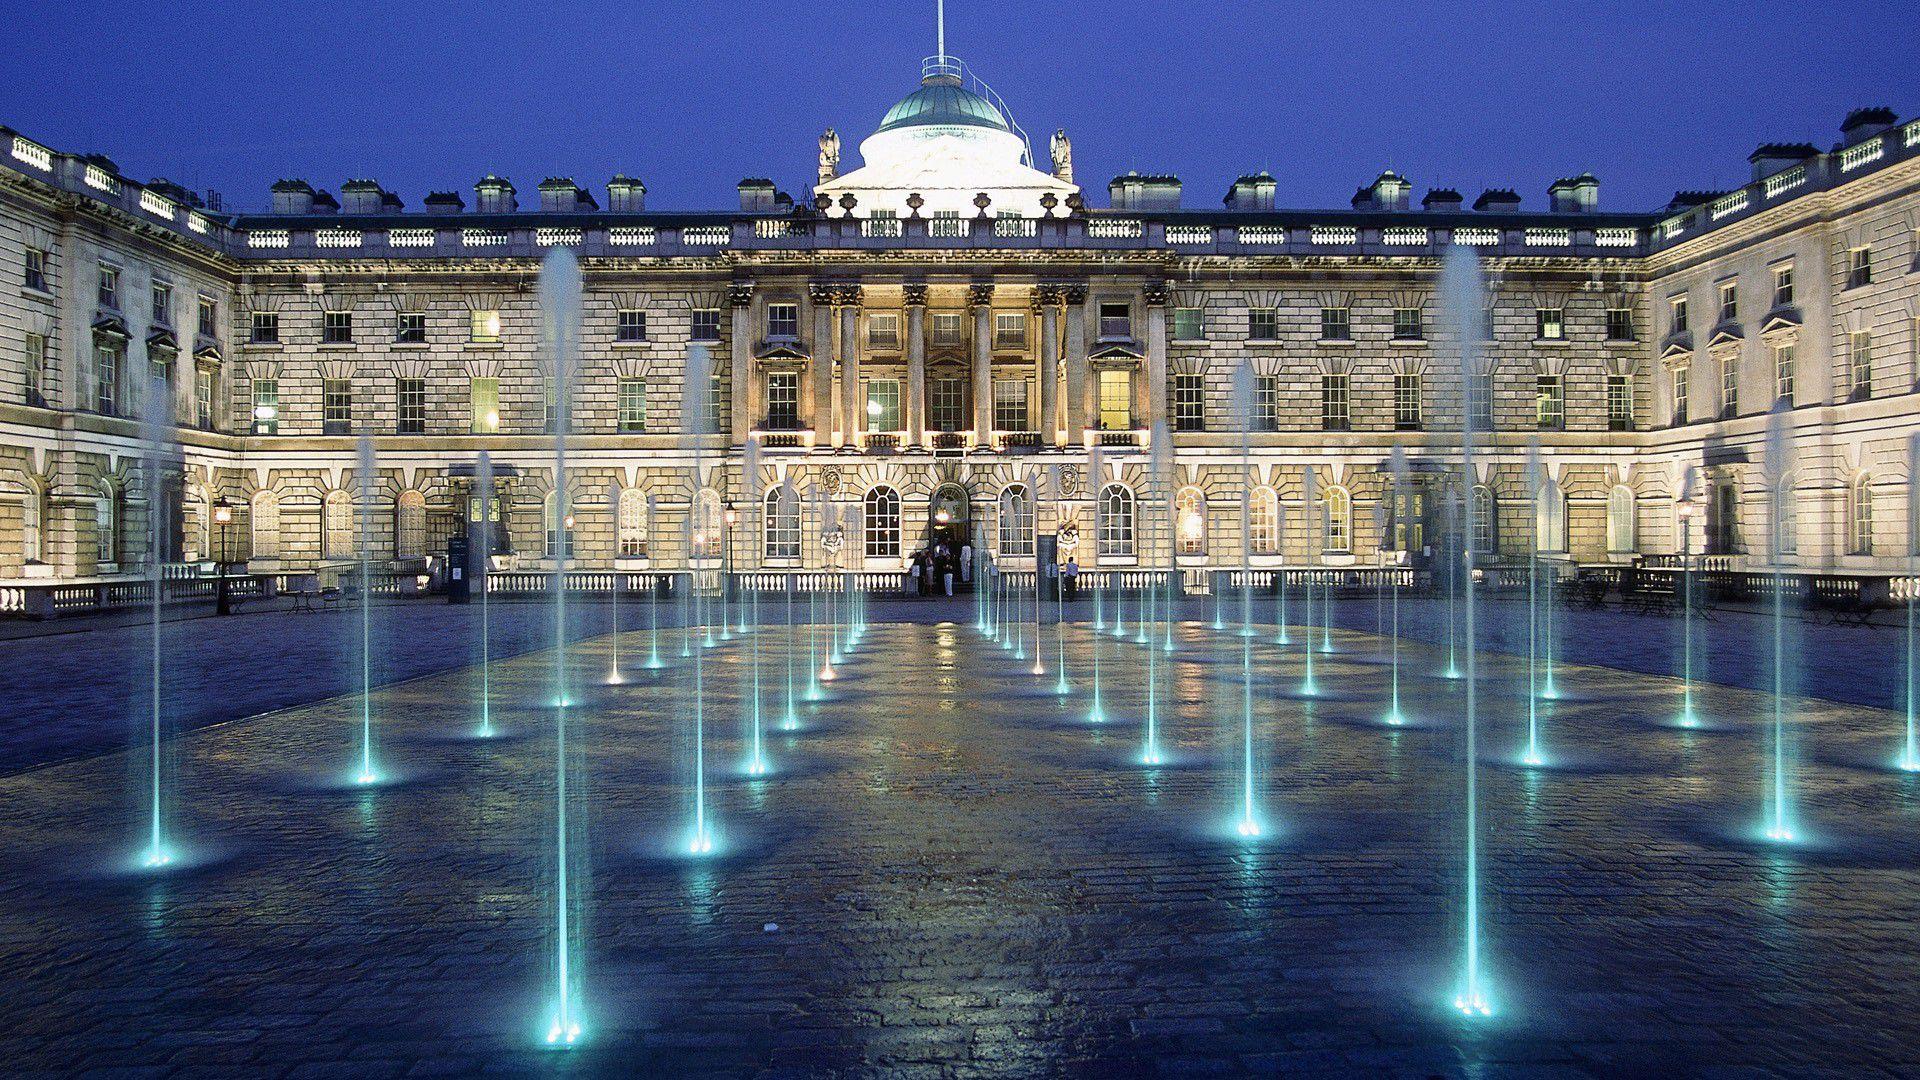 Лондон хотели хостели сместување England London Pass резервации низ светот евтини ниска цена